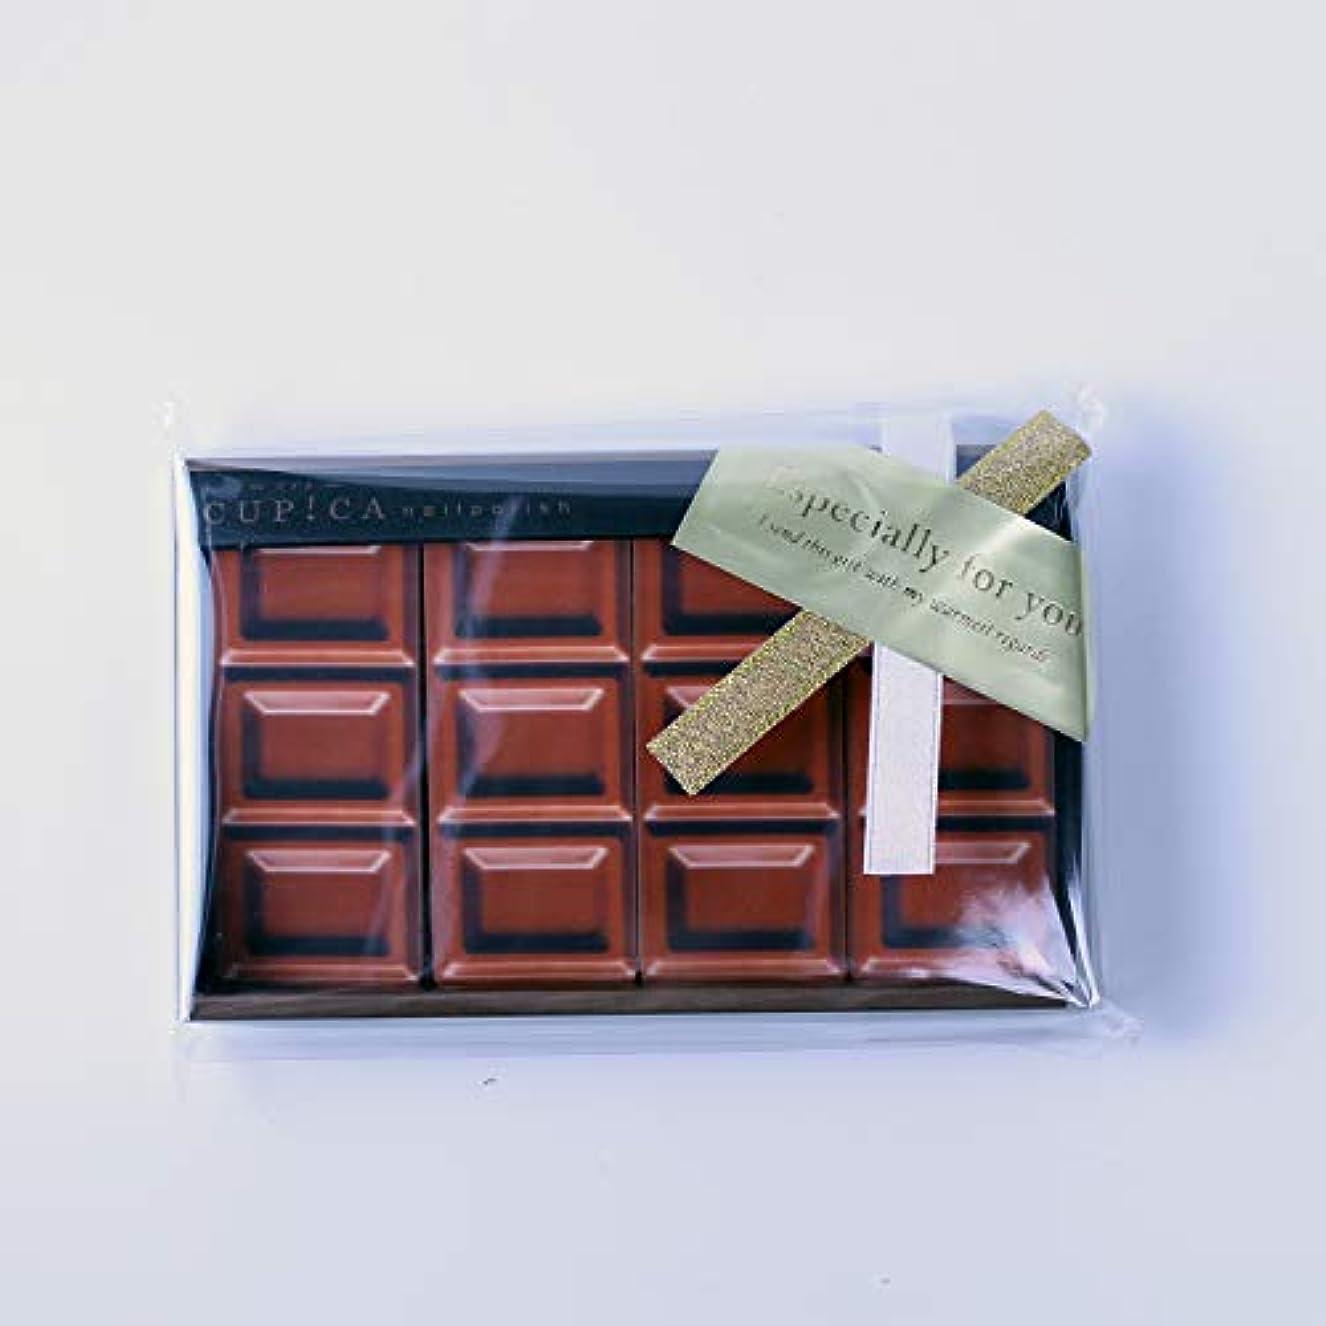 市町村説得セールバレンタイン ホワイトデー ギフト お餞別 チョコのような爪磨き おもしろグッズ アルスキュピカ チョコレート柄 ギフトシール付 クリアケース入